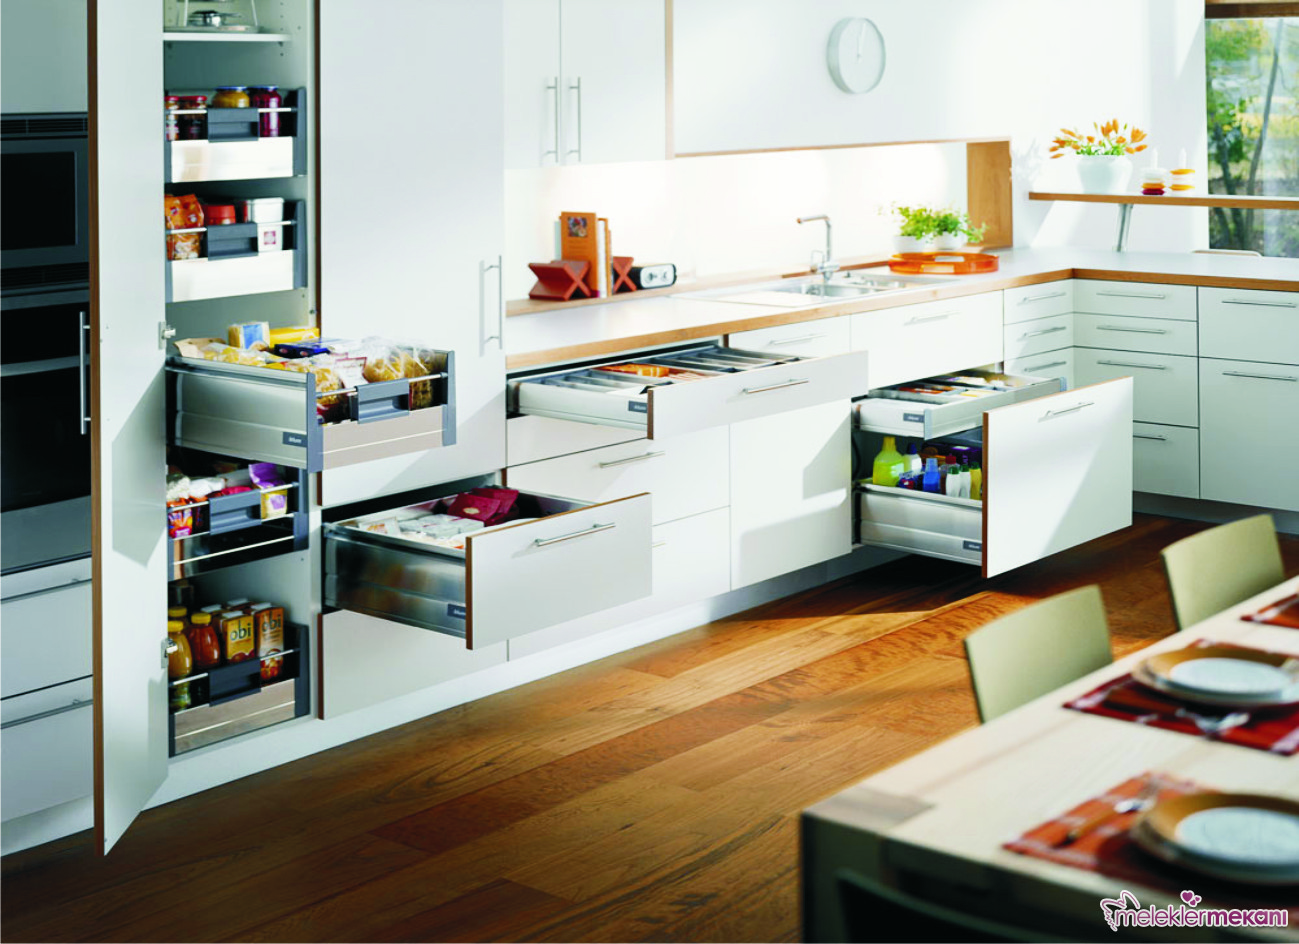 Mutfağıma en uygun mutfak modeli hangisi olmalıdır?